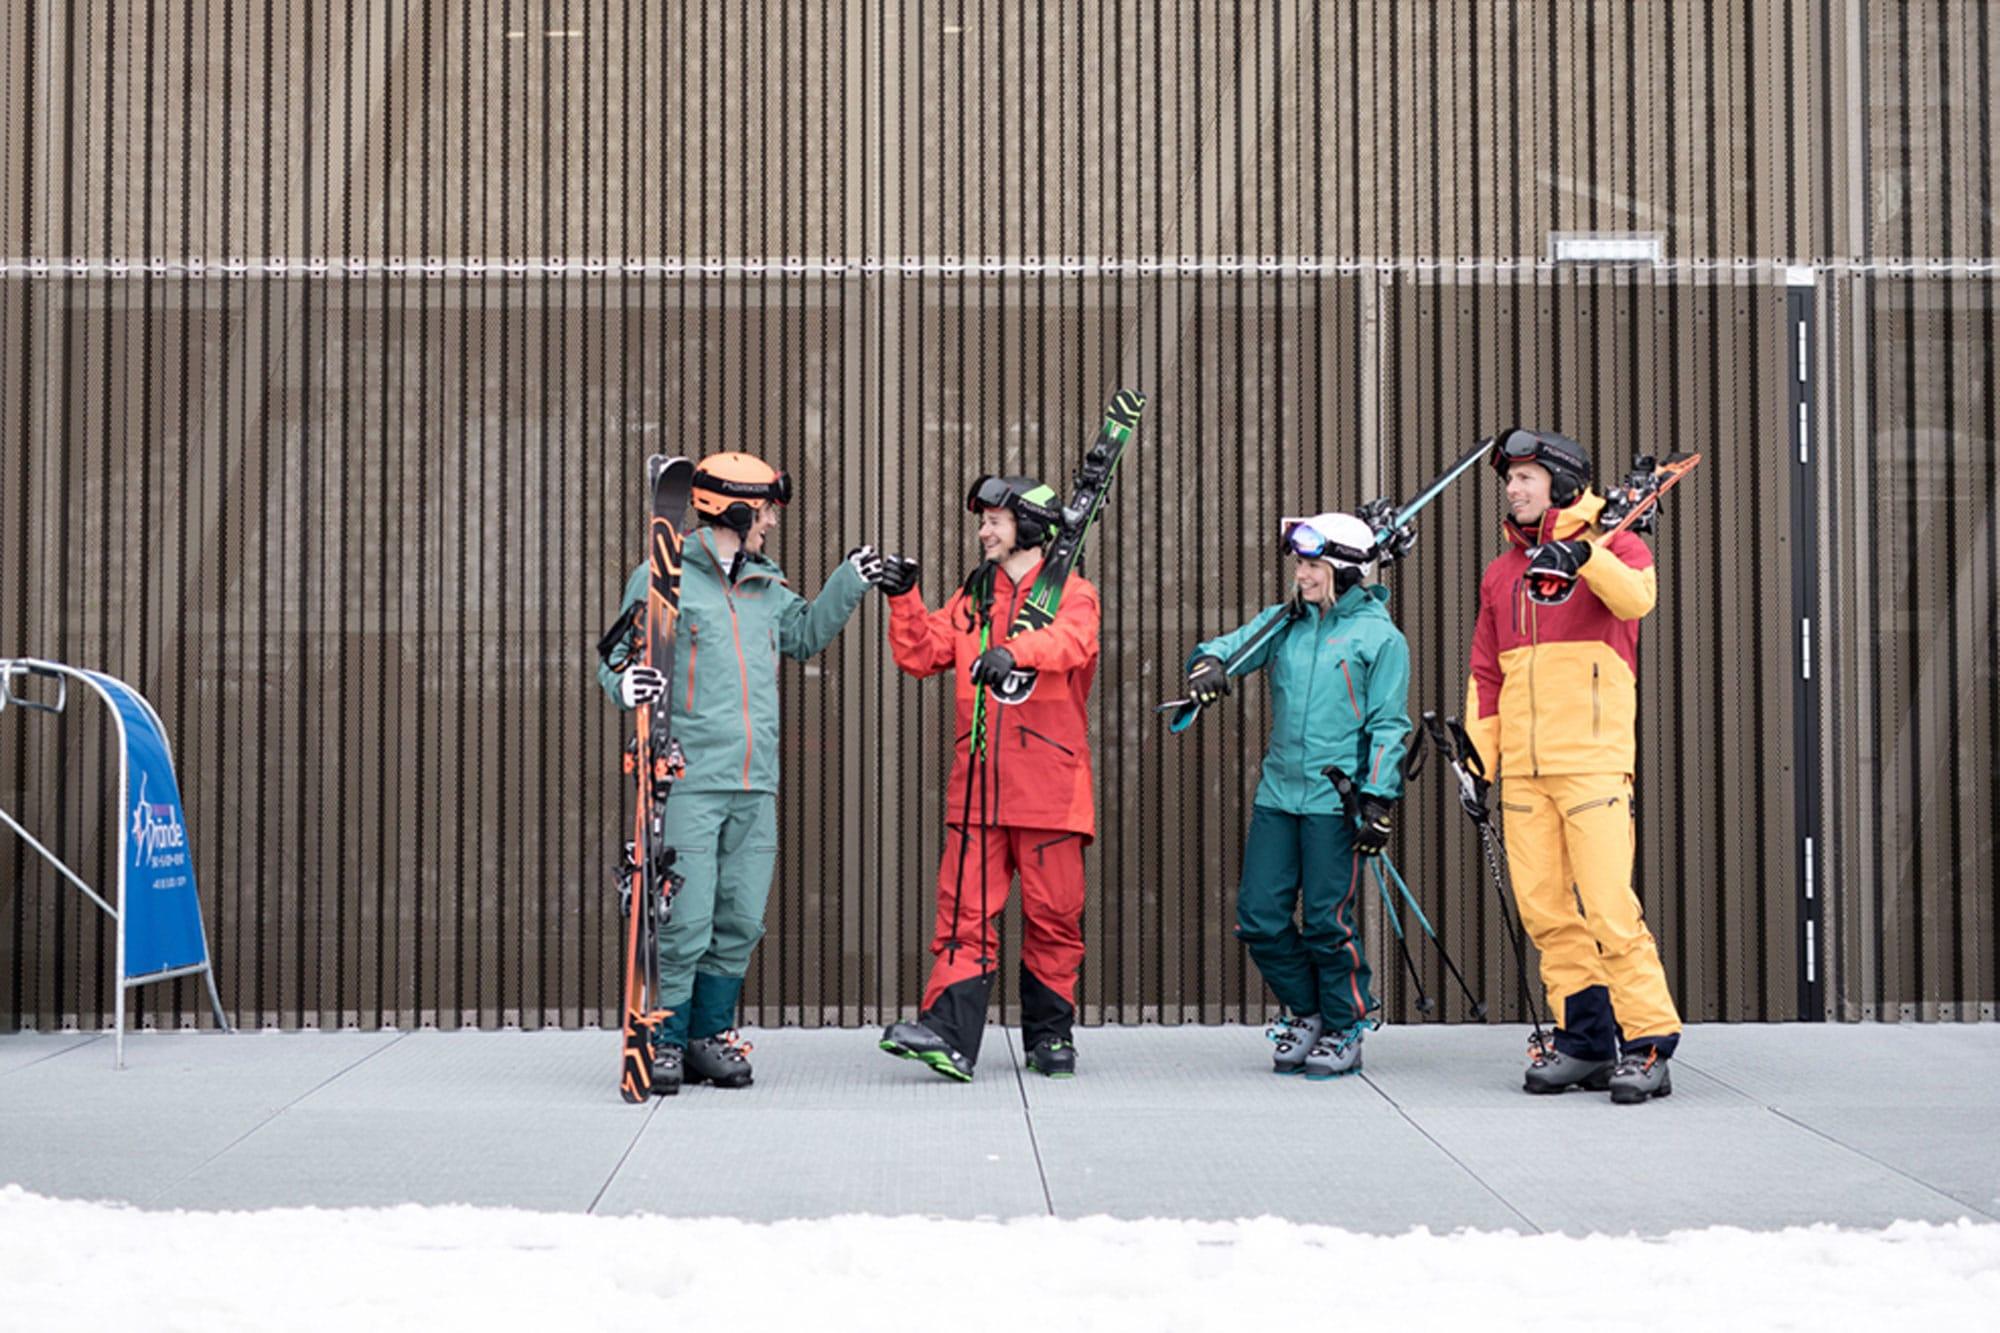 K2 Ski Group